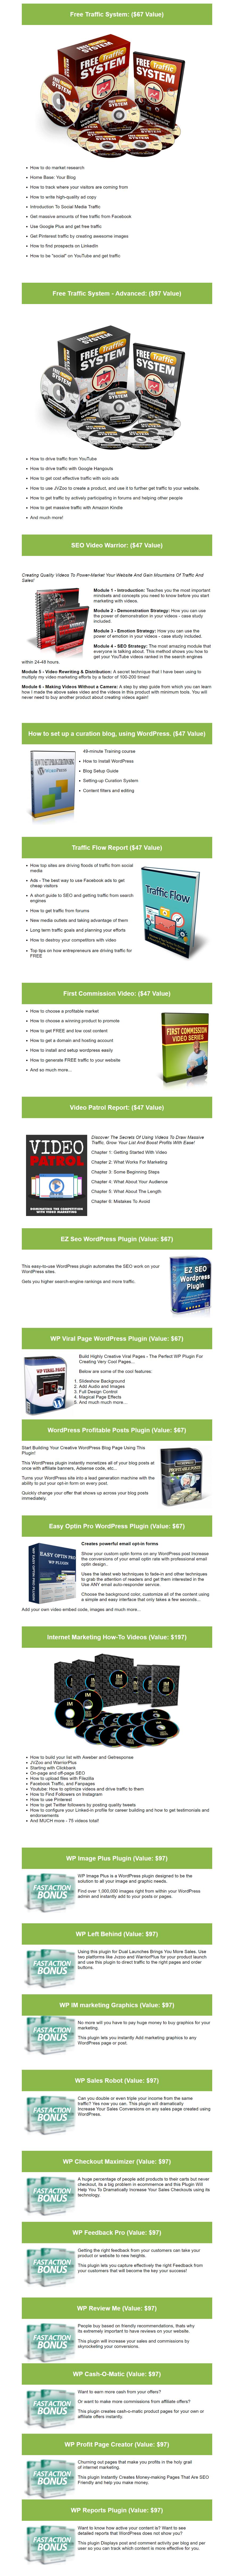 1-Click Video Site Builder Plugin Bonuses